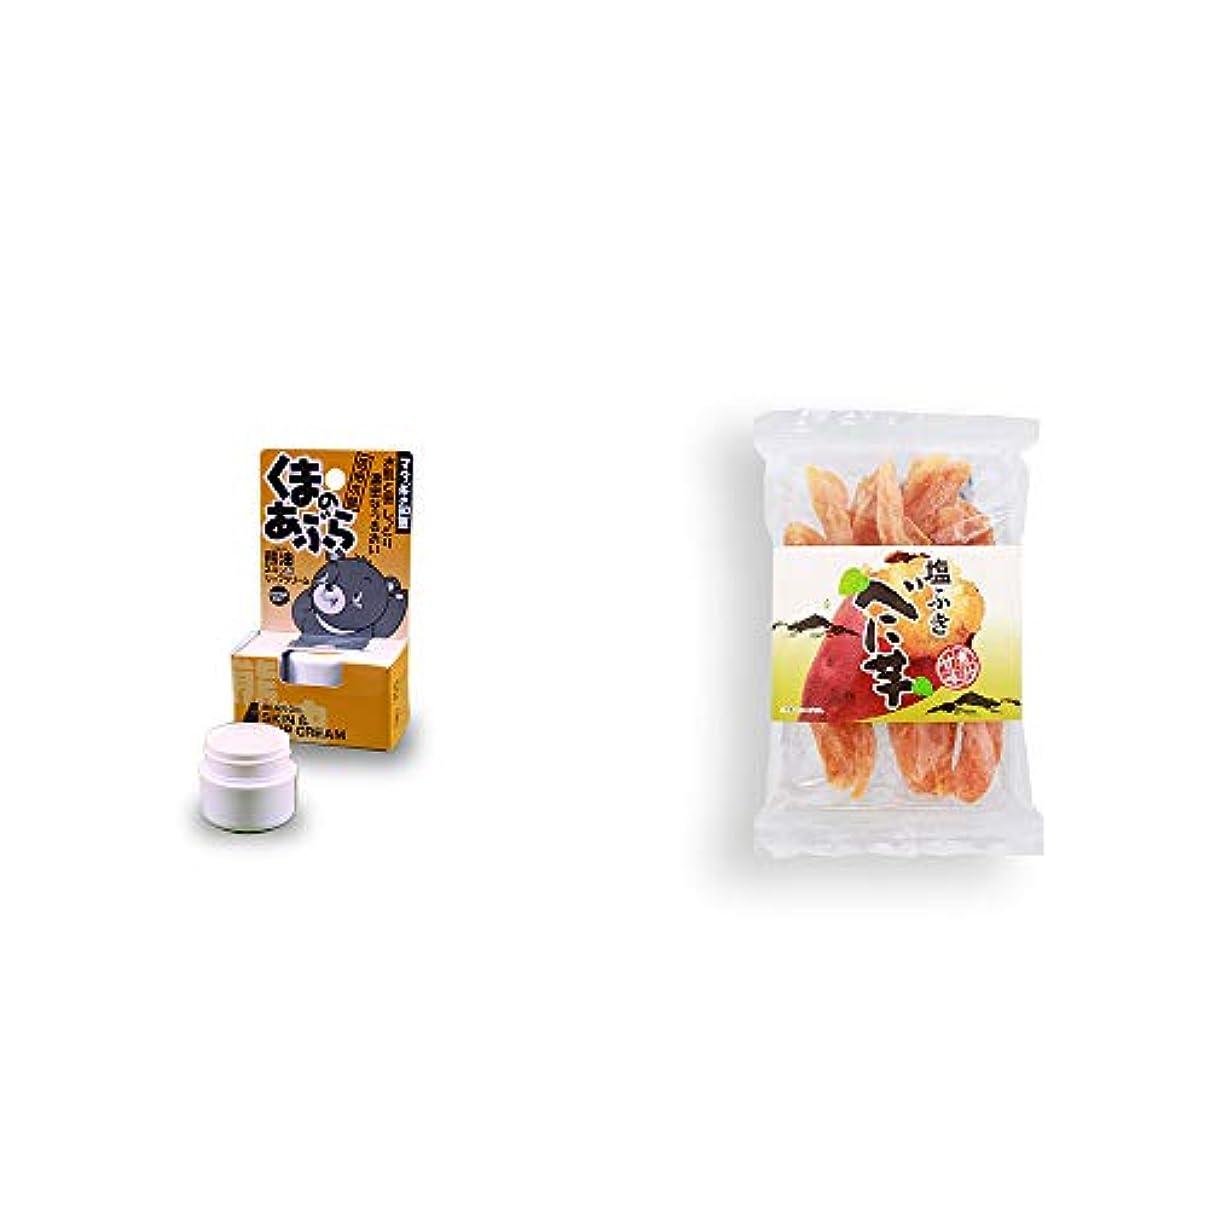 リハーサル深さサーバント[2点セット] 信州木曽 くまのあぶら 熊油スキン&リップクリーム(9g)?塩ふき べに芋(250g)